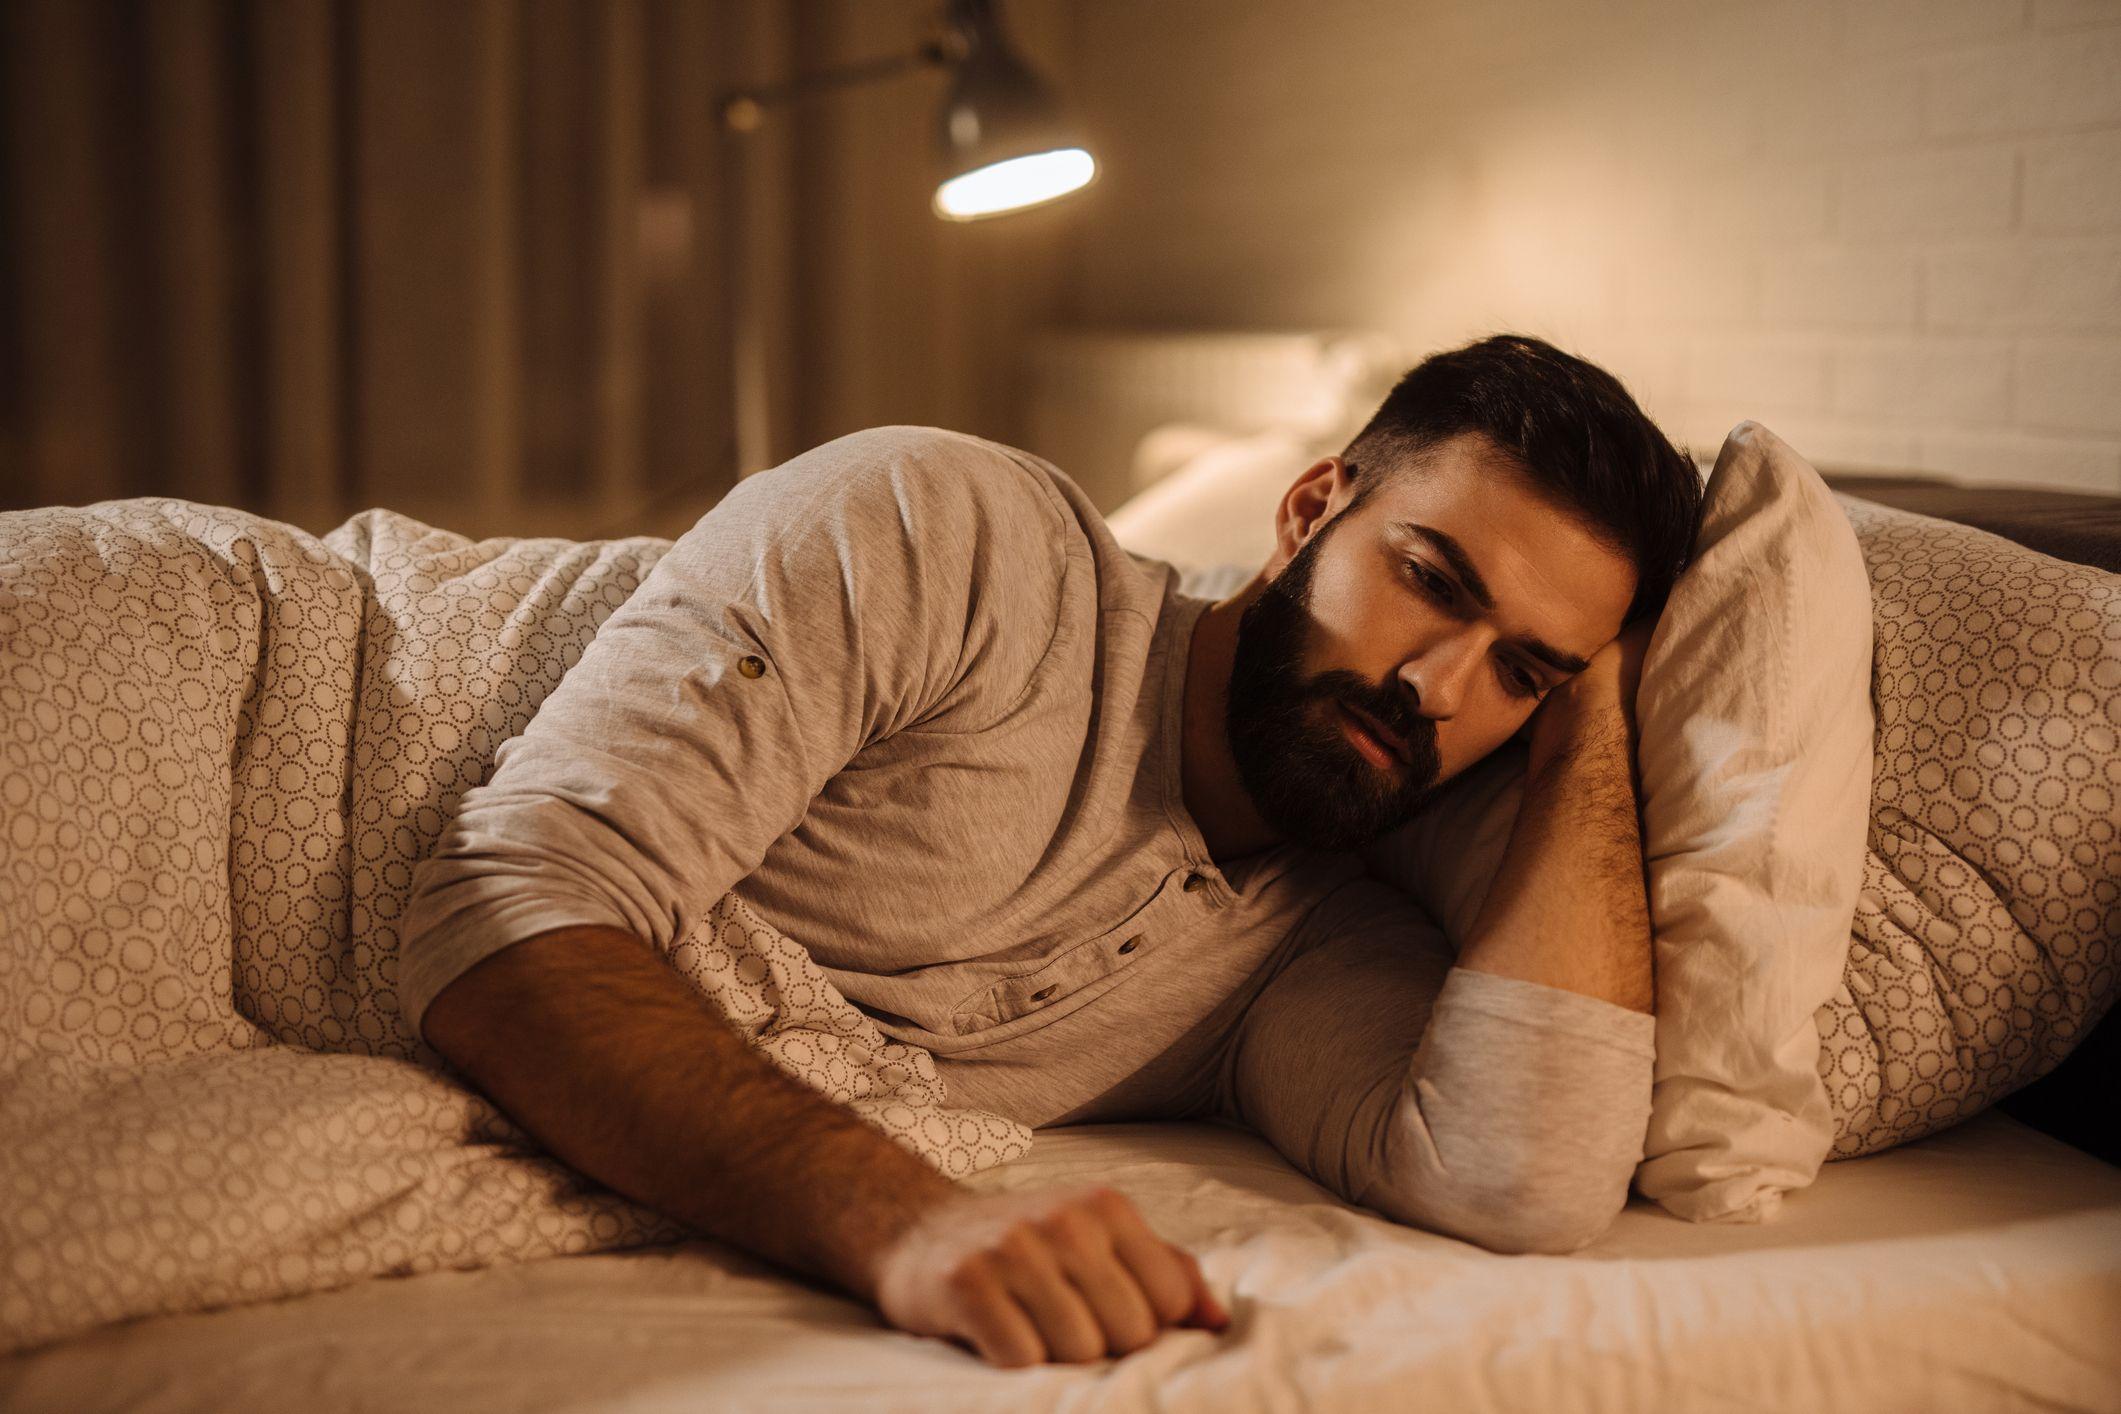 Los seis suplementos para combatir el estrés y poder dormir que recomienda un nutricionista